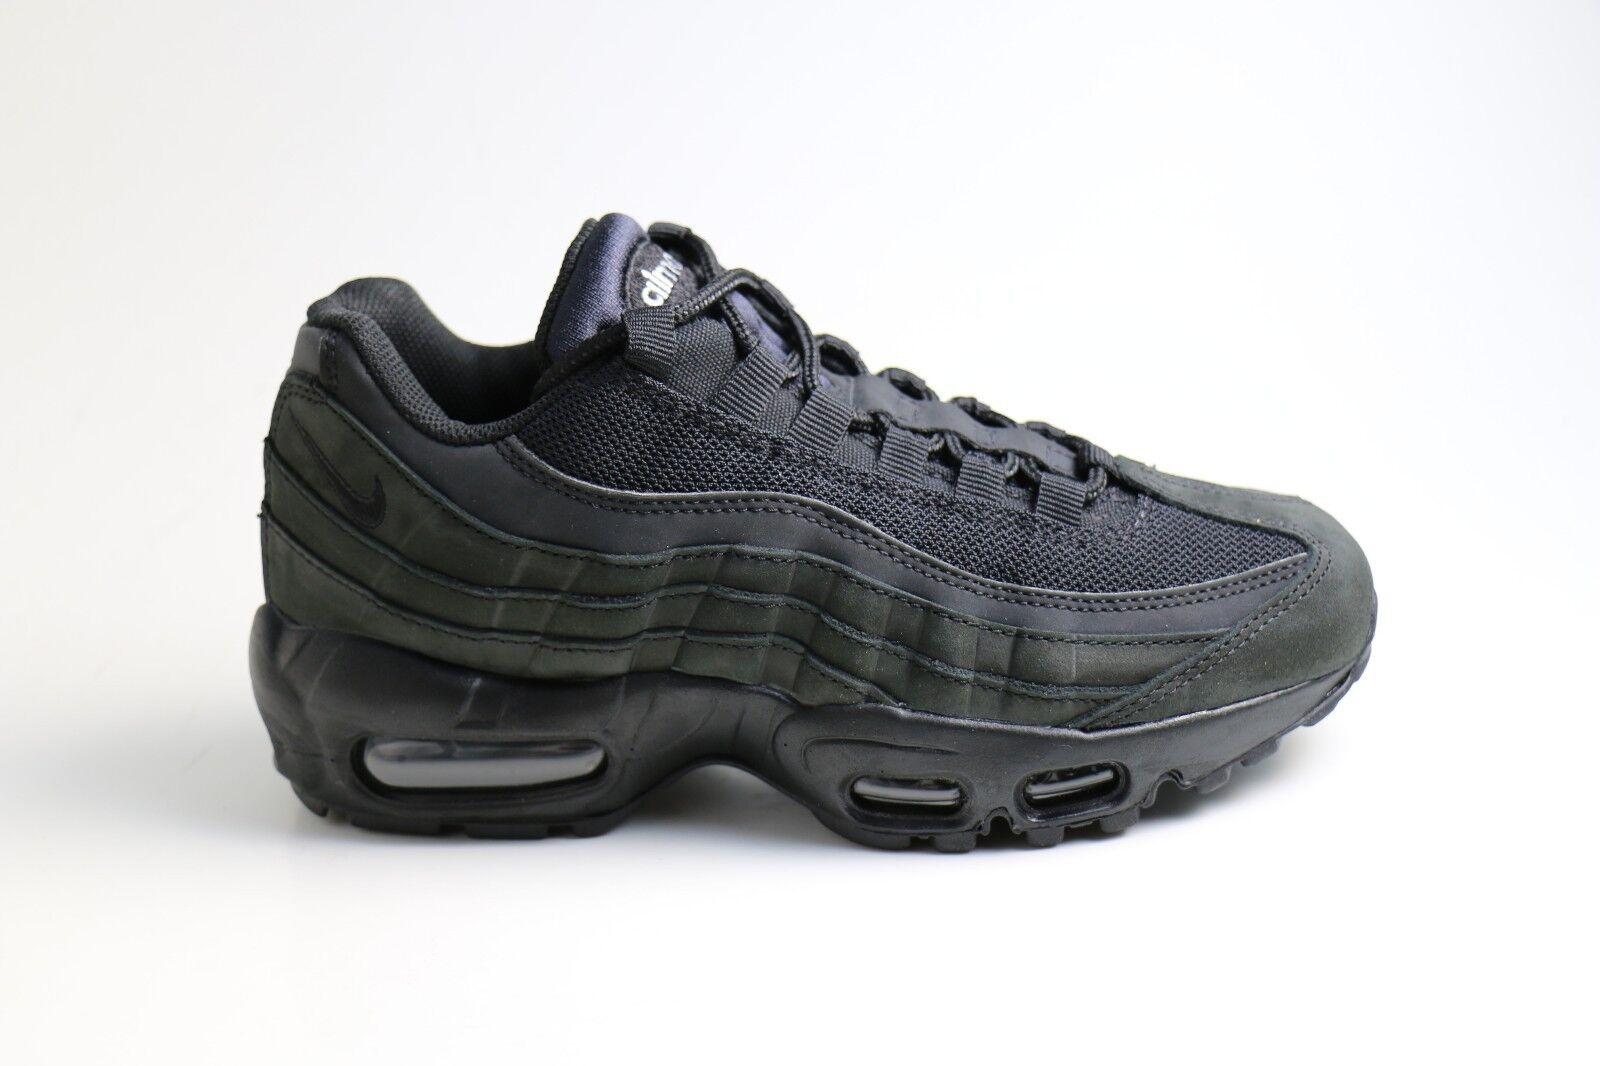 Nike Wmns Air Max 95 Triple Black EU 36,5 37,5  US 6,5  880303 001 Damen Sneaker